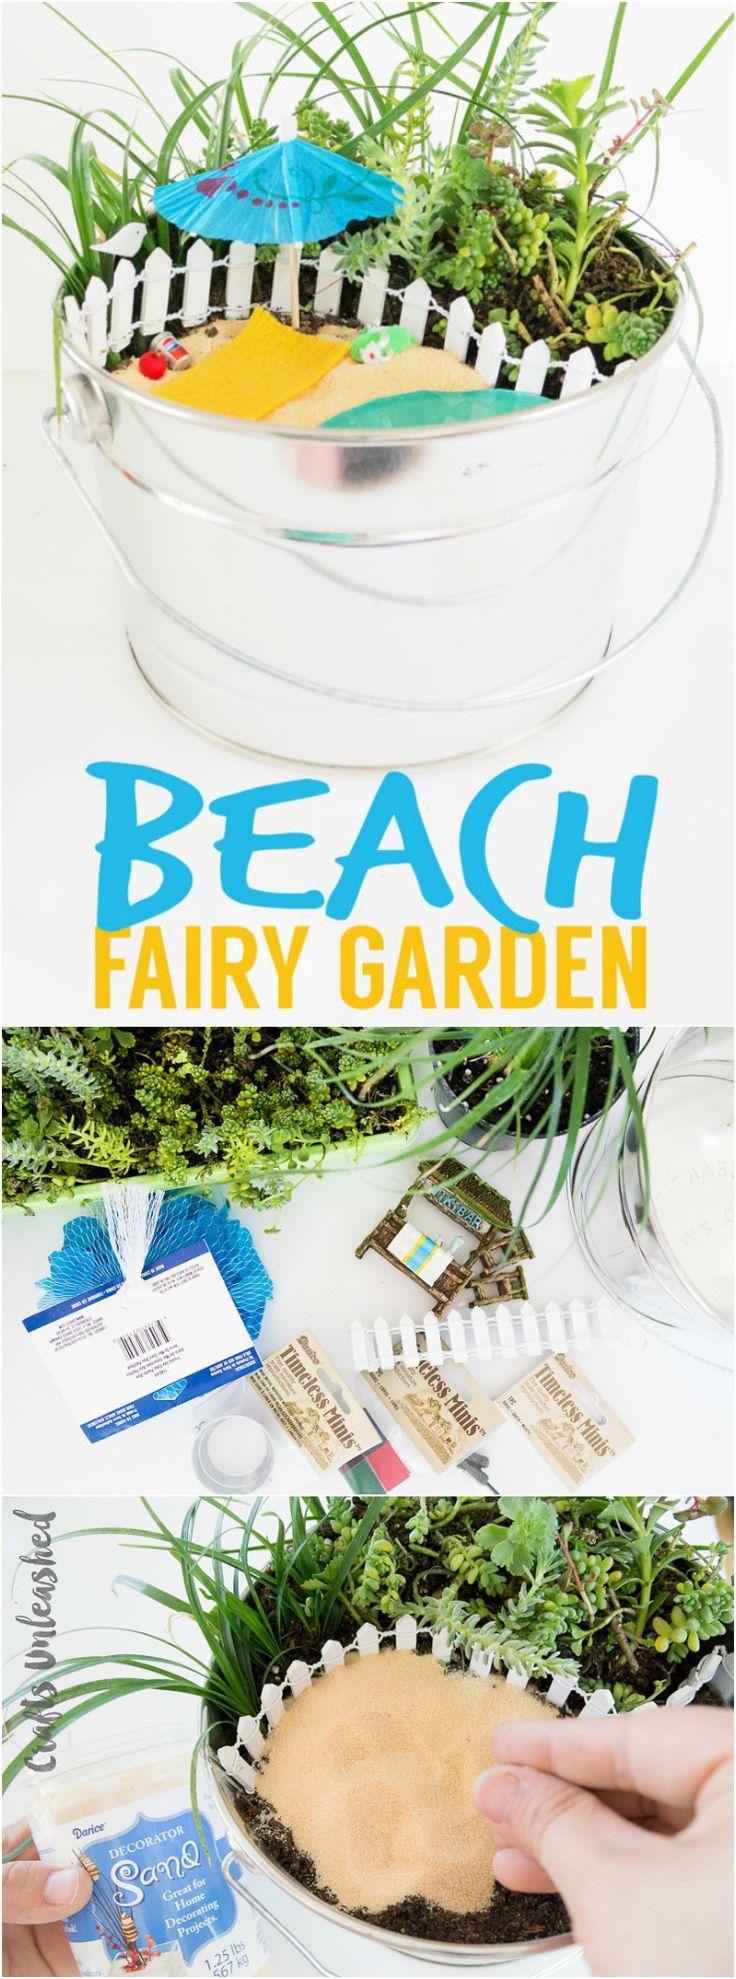 Best 25+ Beach fairy garden ideas on Pinterest | Diy fairy house ...